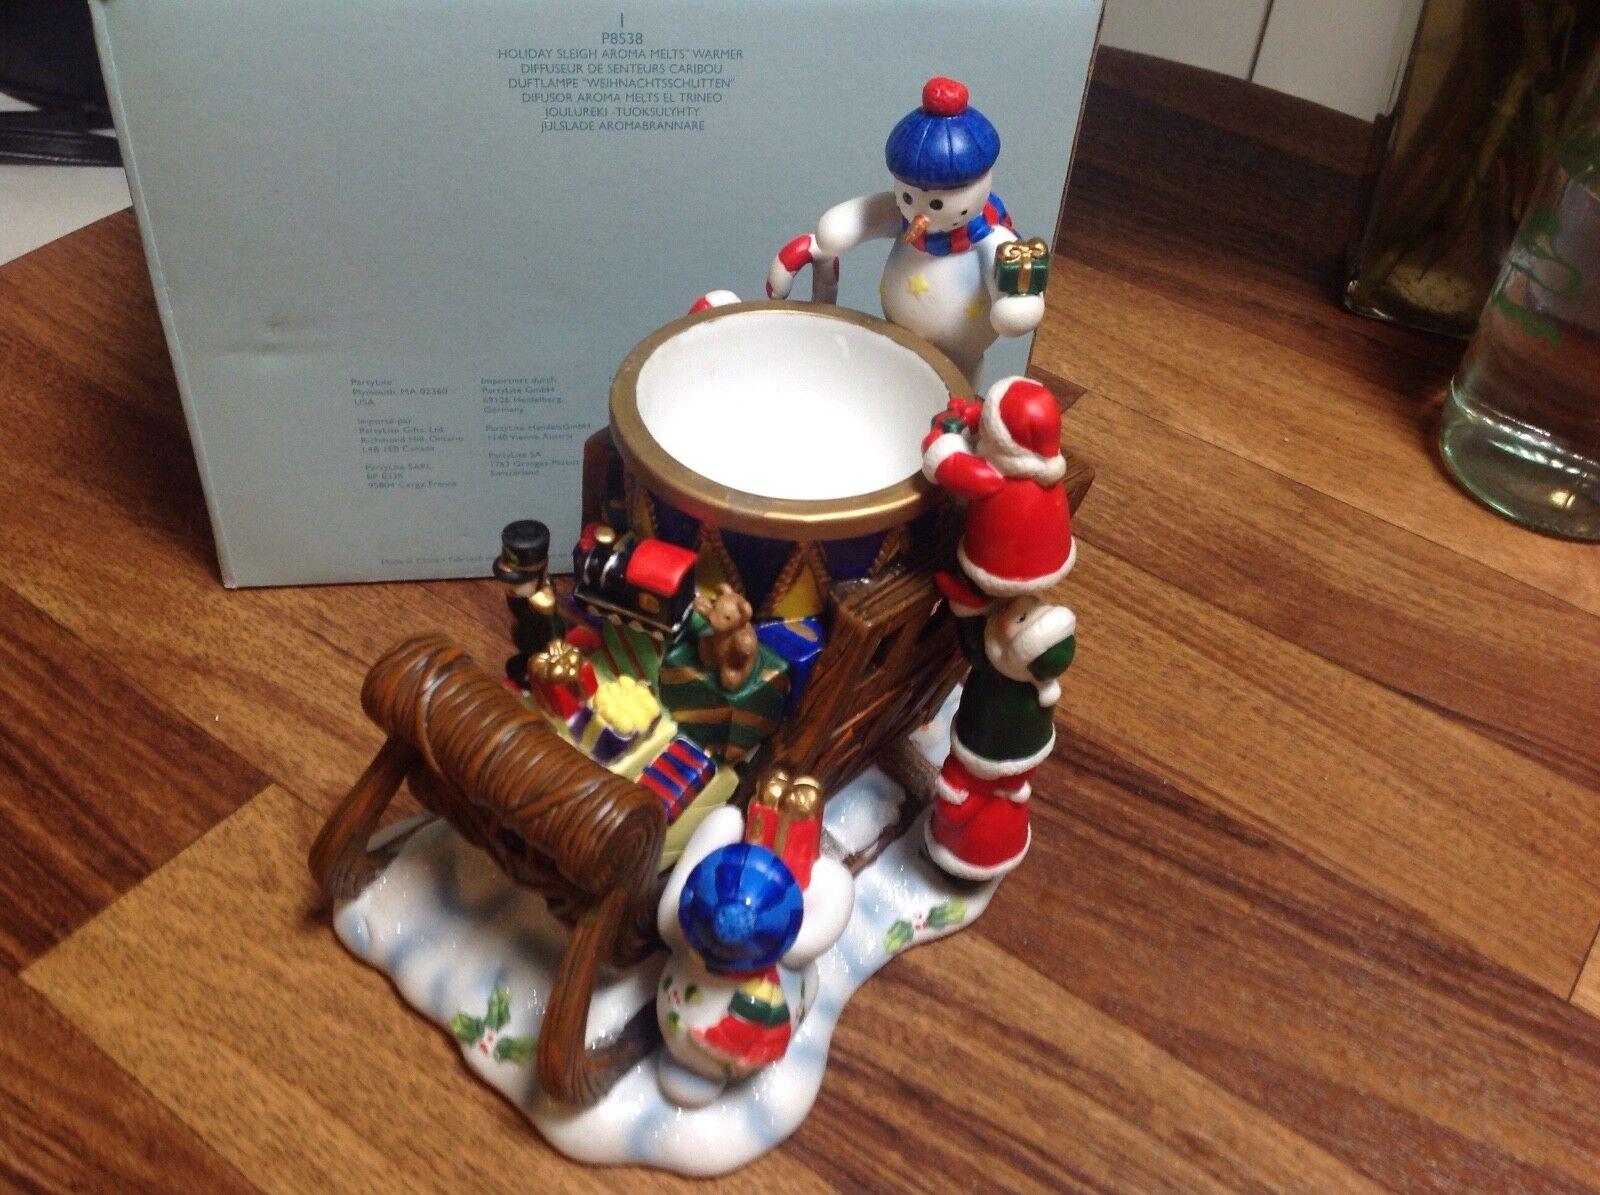 P8538 Duftlampe Weihnachtsschlitten Frosty Schlitten Schneemann Partylite  | Fairer Preis